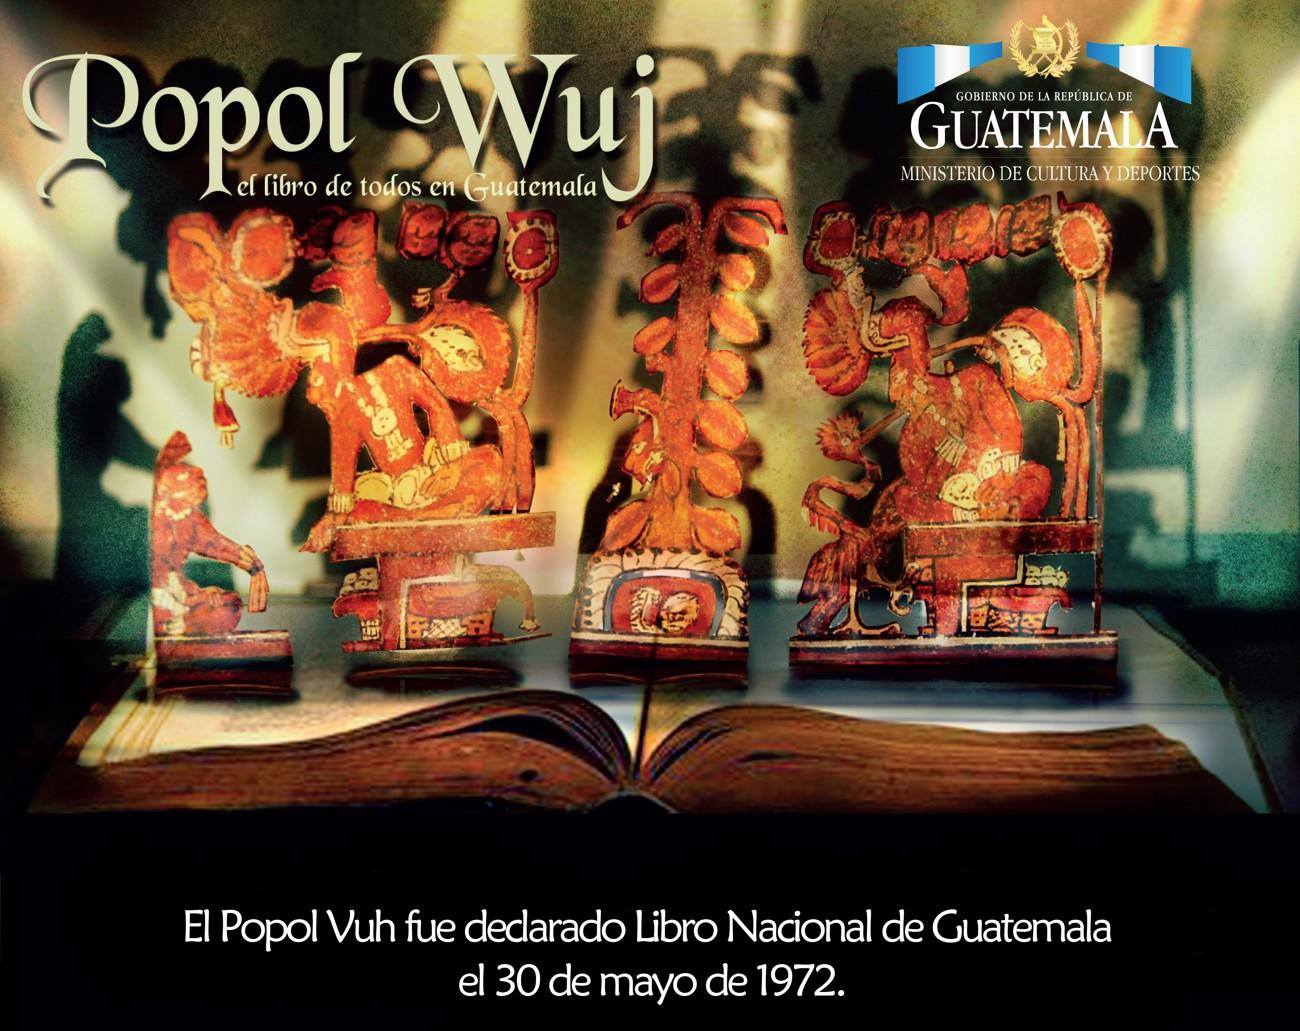 30 de mayo dia nacional del Popol Wuj